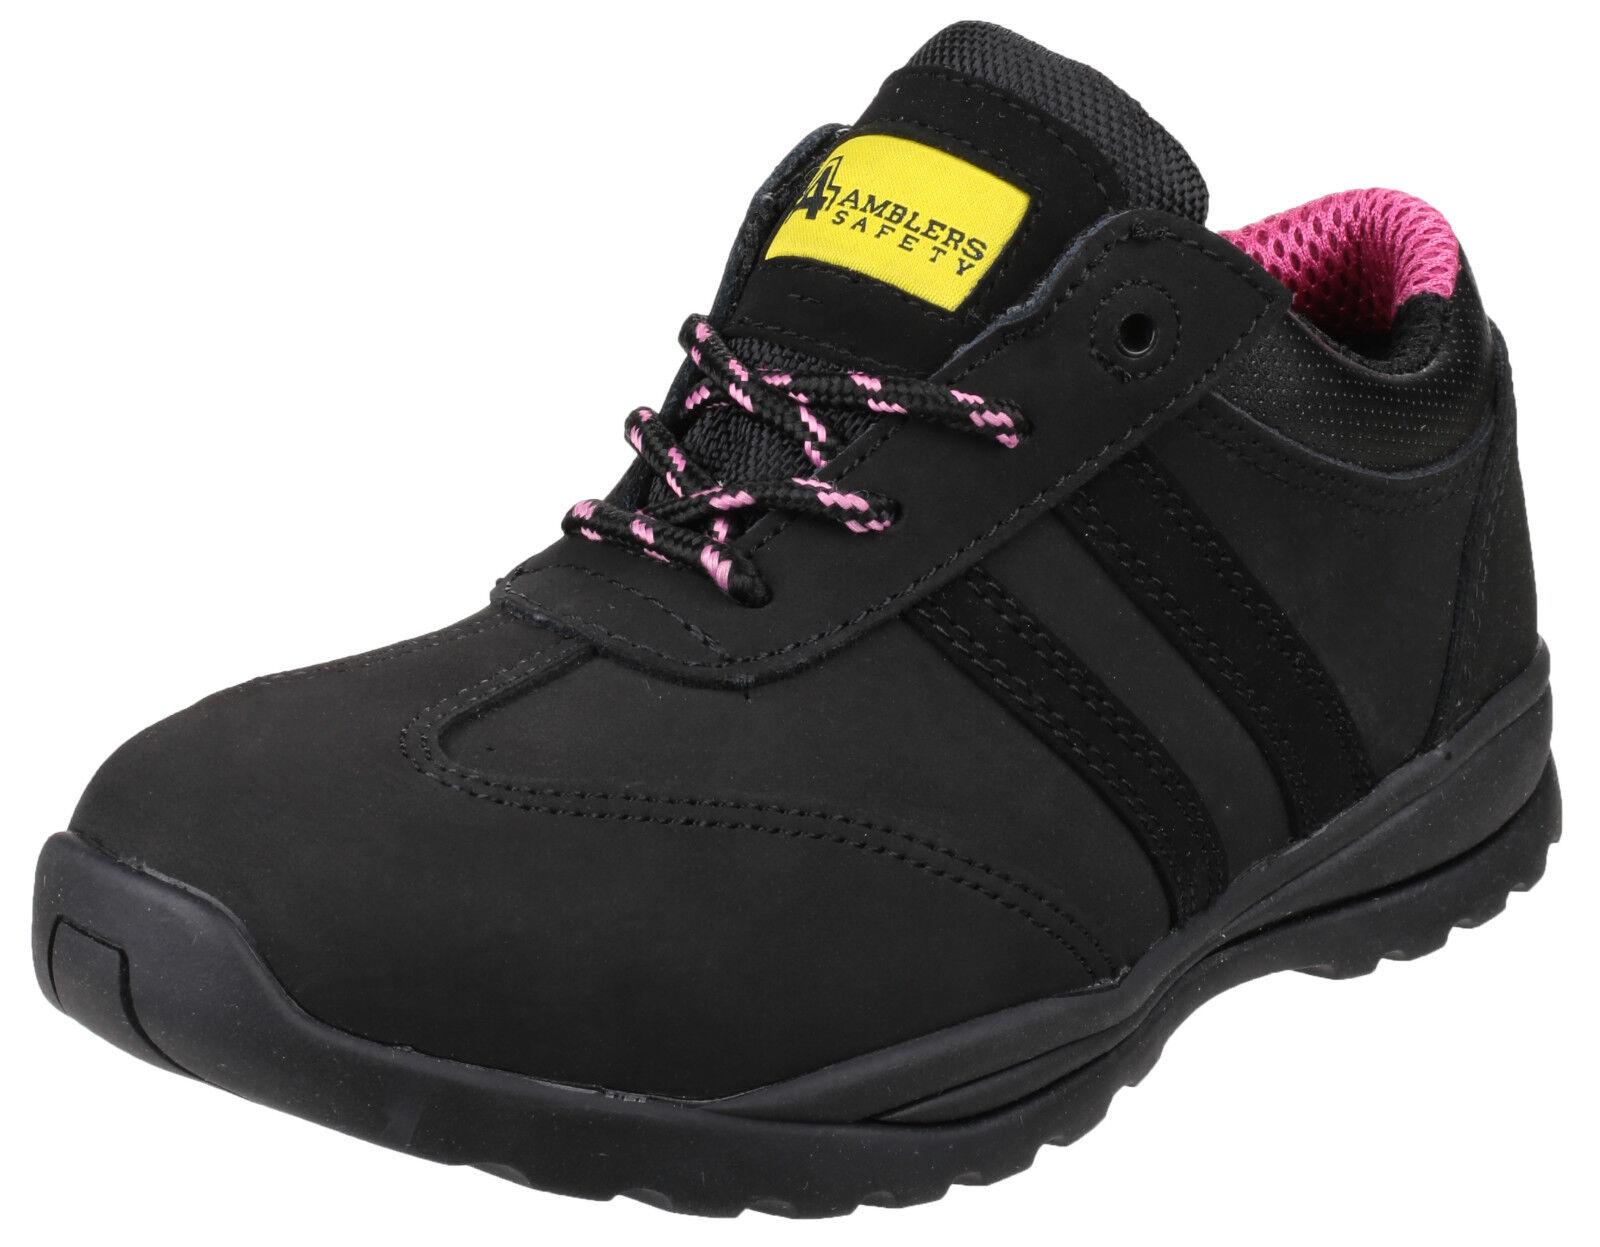 Amblers FS706 Sophie Chaussures de sécurité femme Mesdames acier Toe Cap formateurs UK3-9